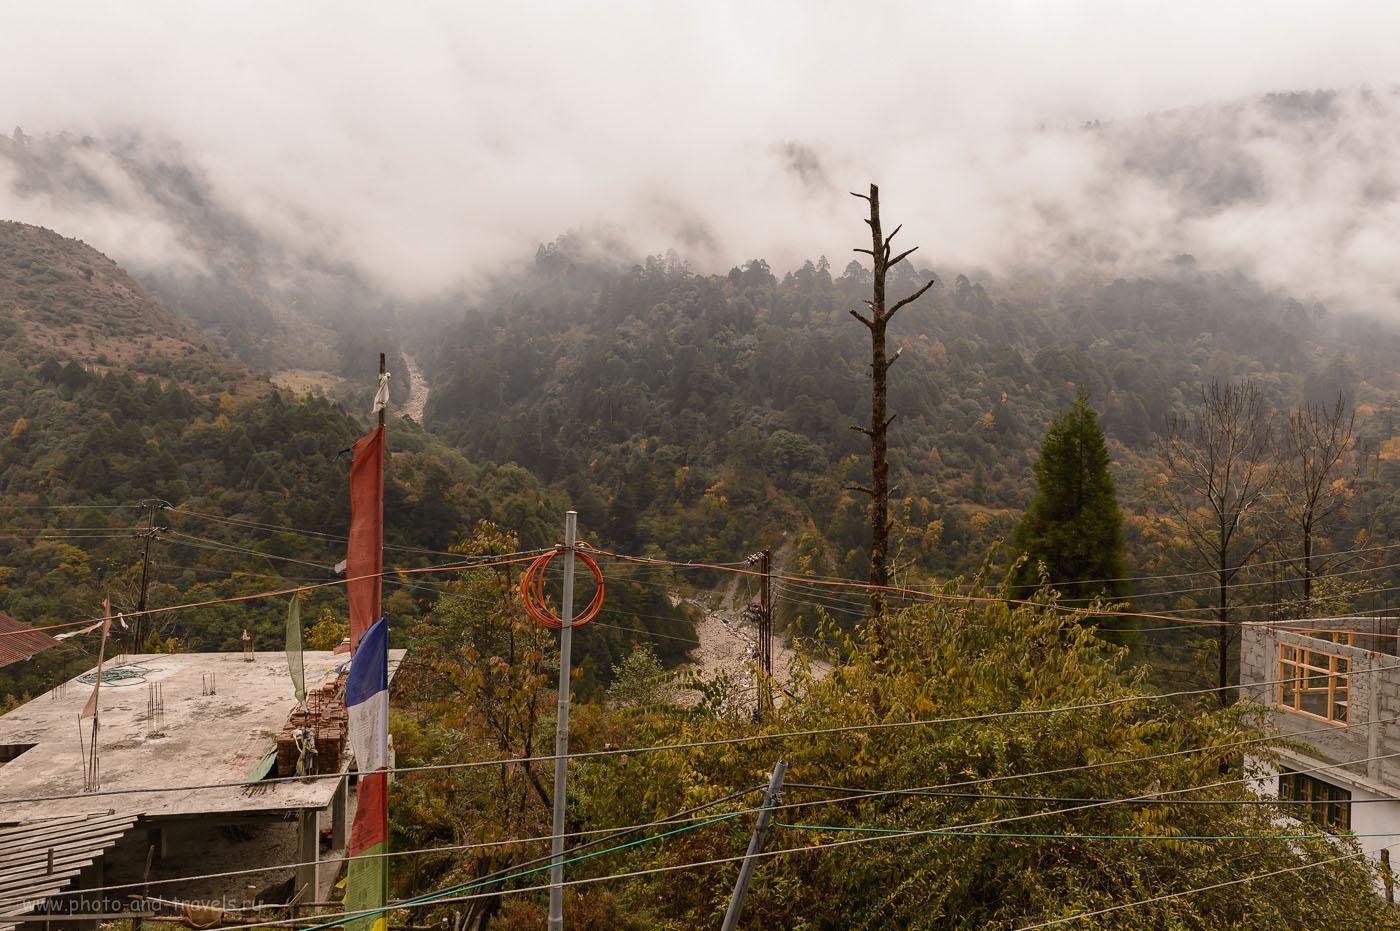 15. Вид из окна в нашей гостинице в деревне Лачунг на севере штата Сикким. Куда поехать самостоятельно в Индии? 1/160, -1.0, 8.0, 200, 24